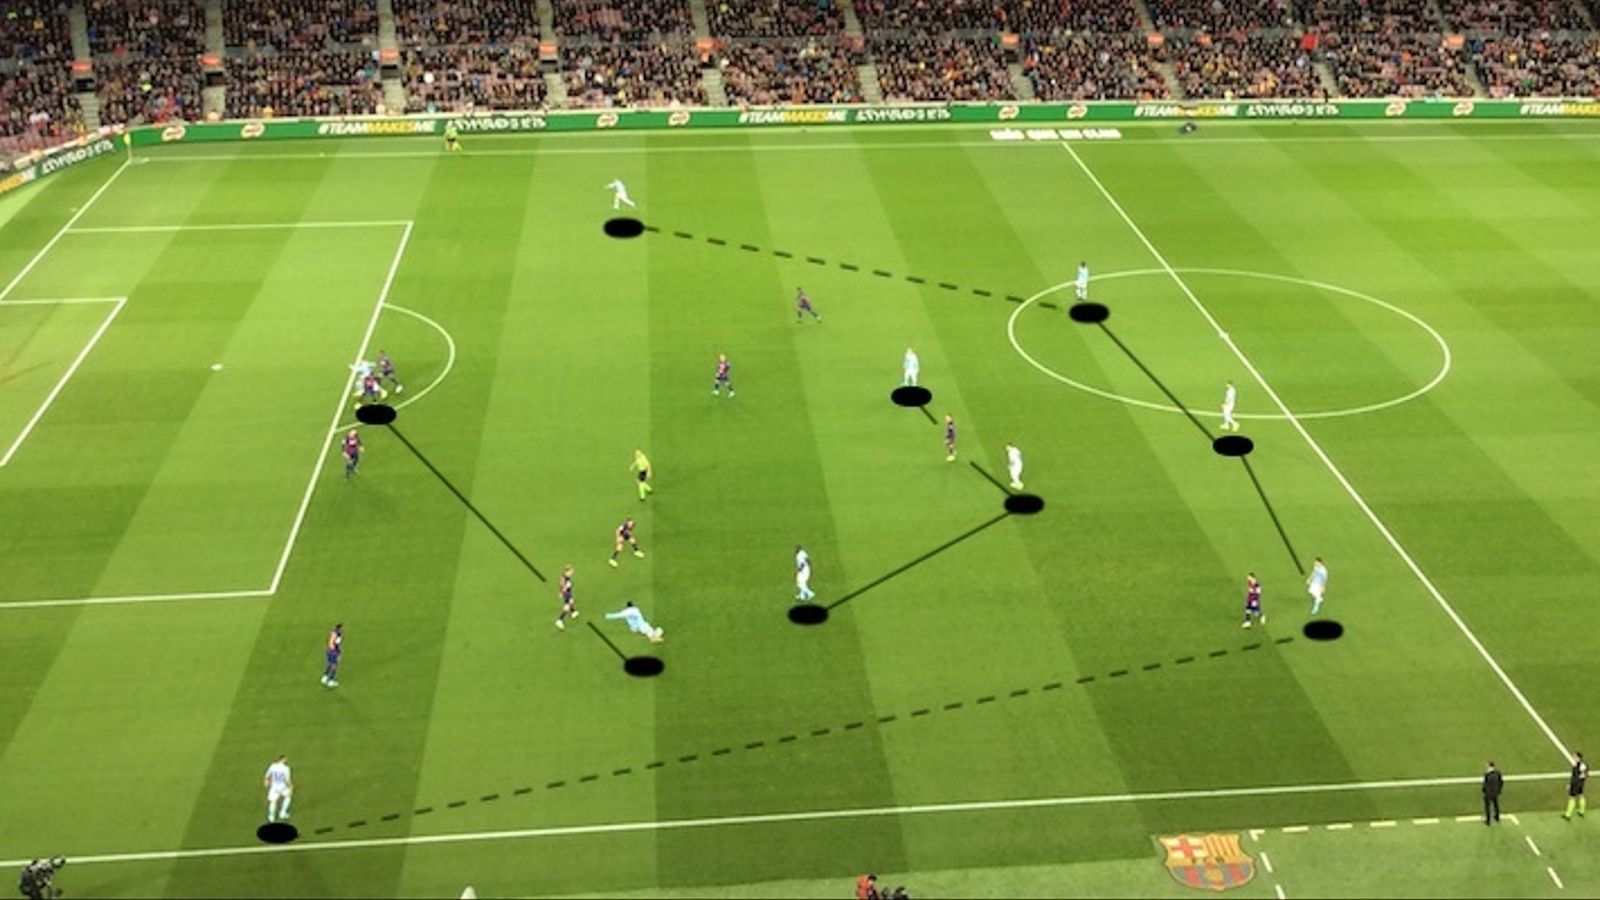 El Celta surt al Camp Nou amb una idea agressiva i amb esquema 3-5-2